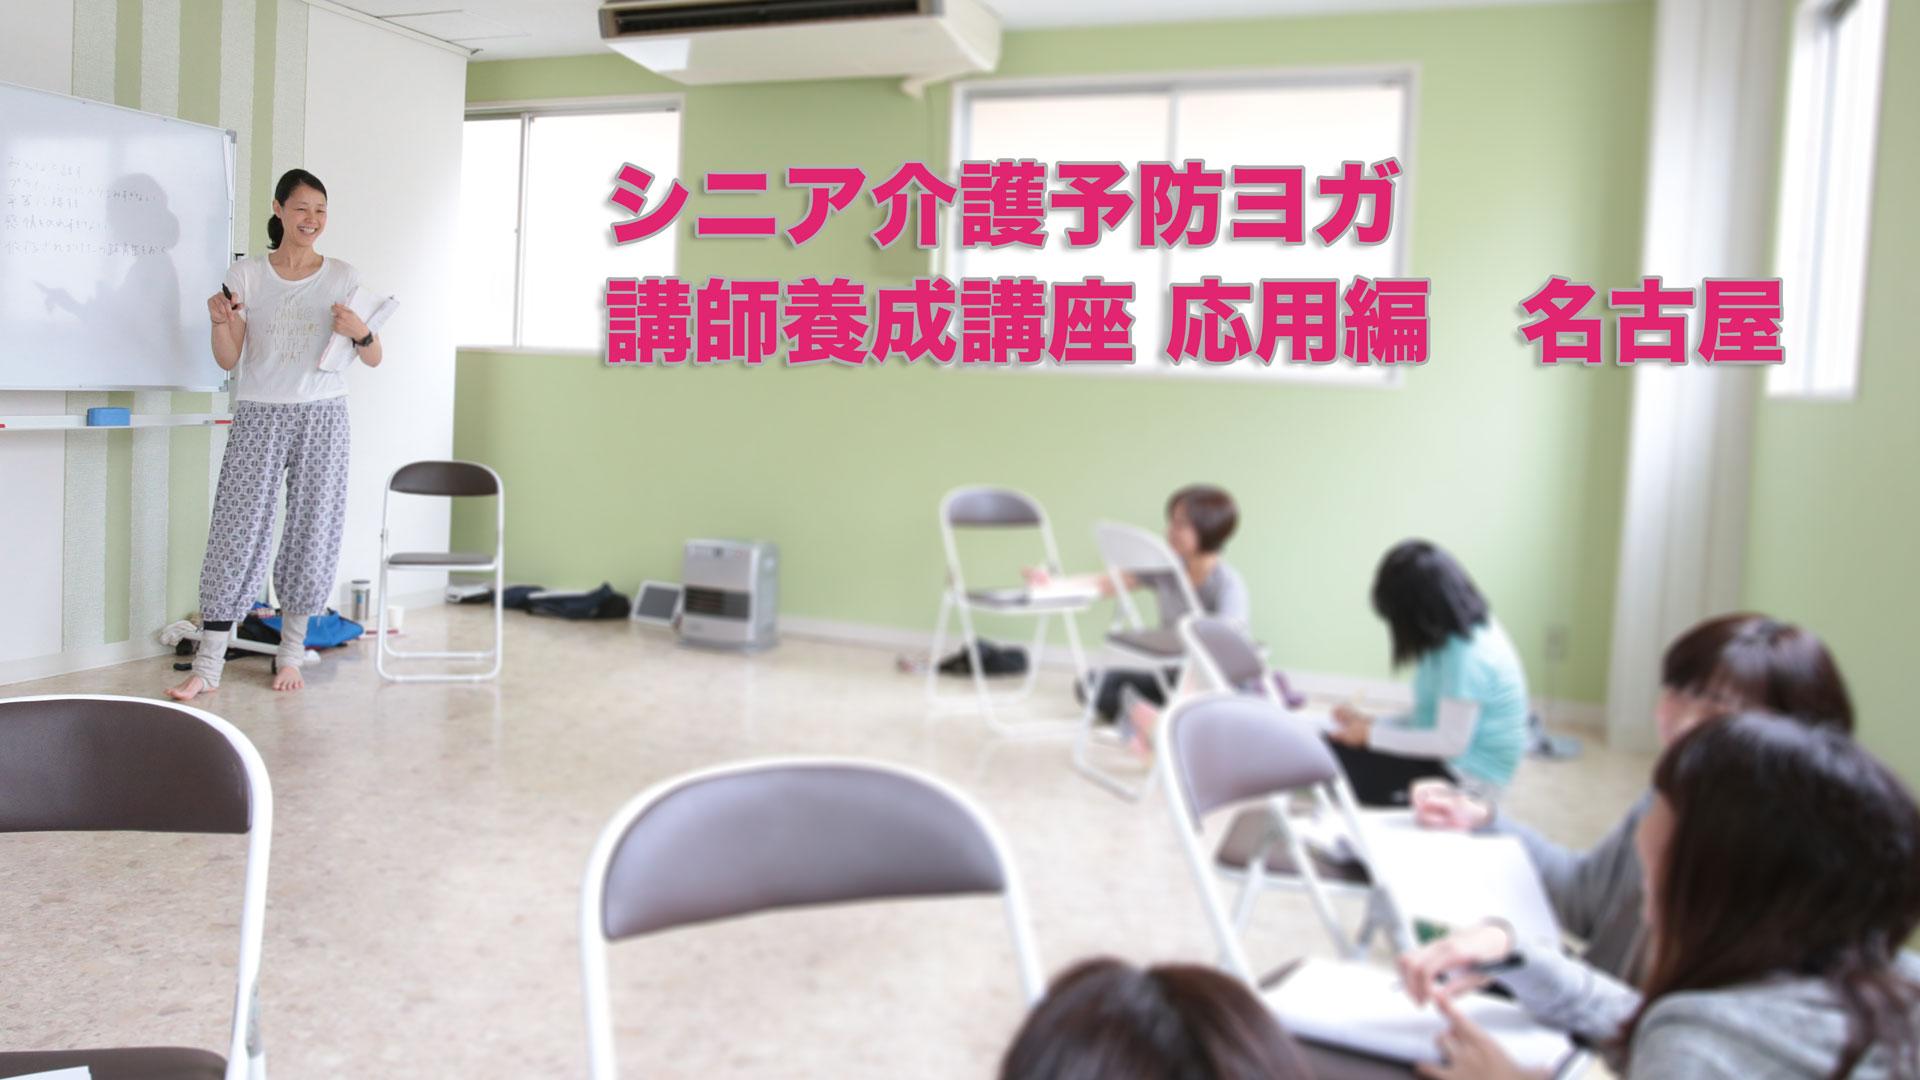 シニアヨガ インストラクター養成講座 2017年7月 応用編 名古屋開催